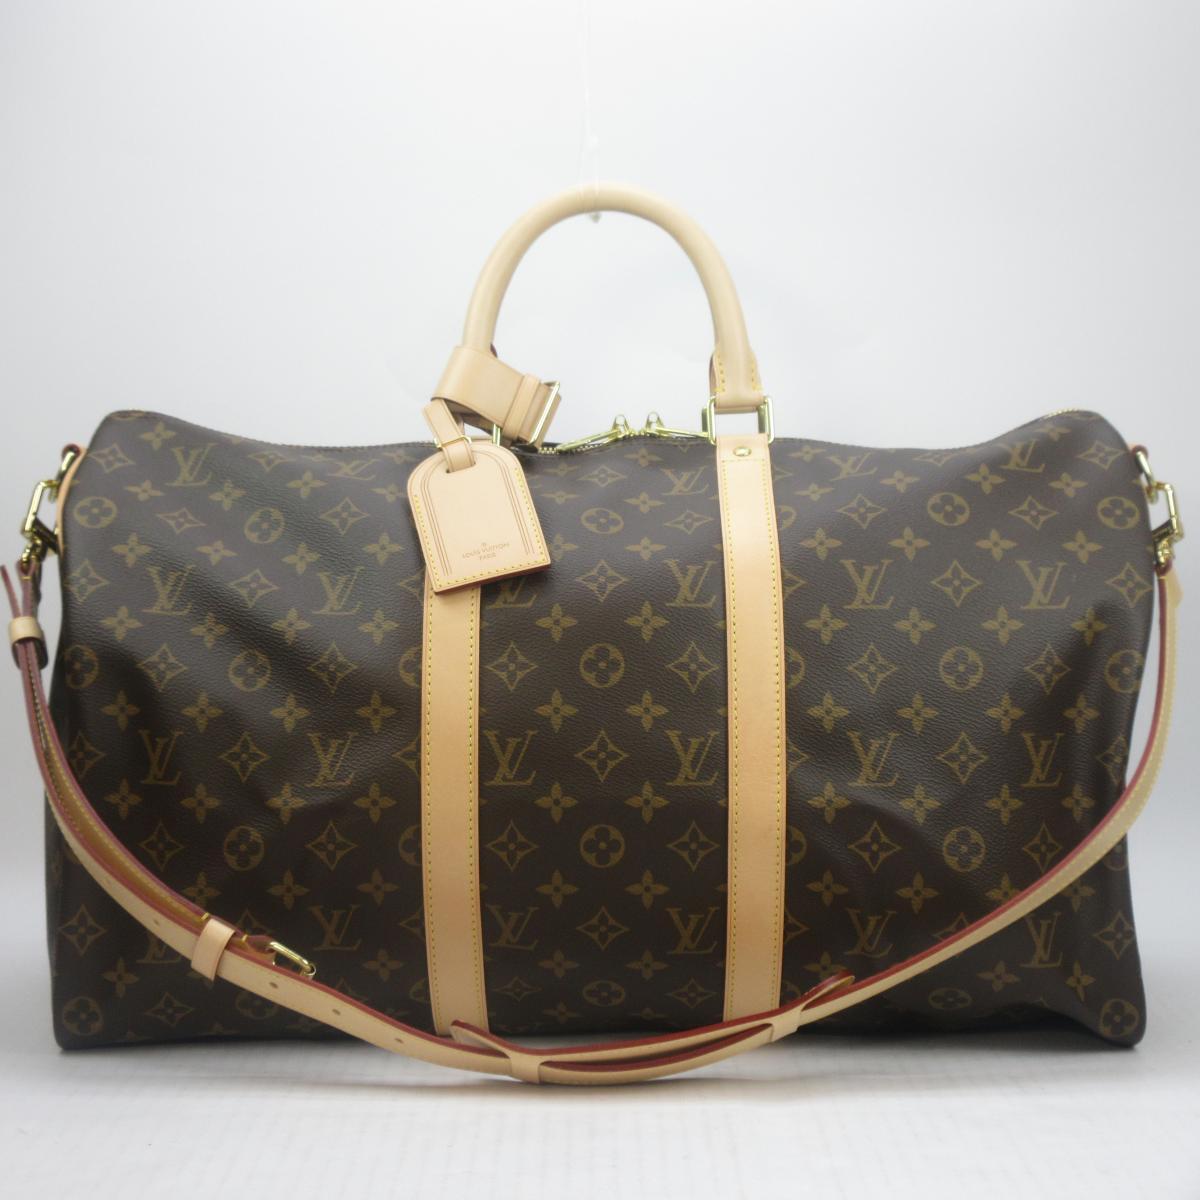 Authentic LOUIS VUITTON Keepall Bandouliere 50 Shoulder Boston Travel Bag  M41416 Monogram 2913551a63d64